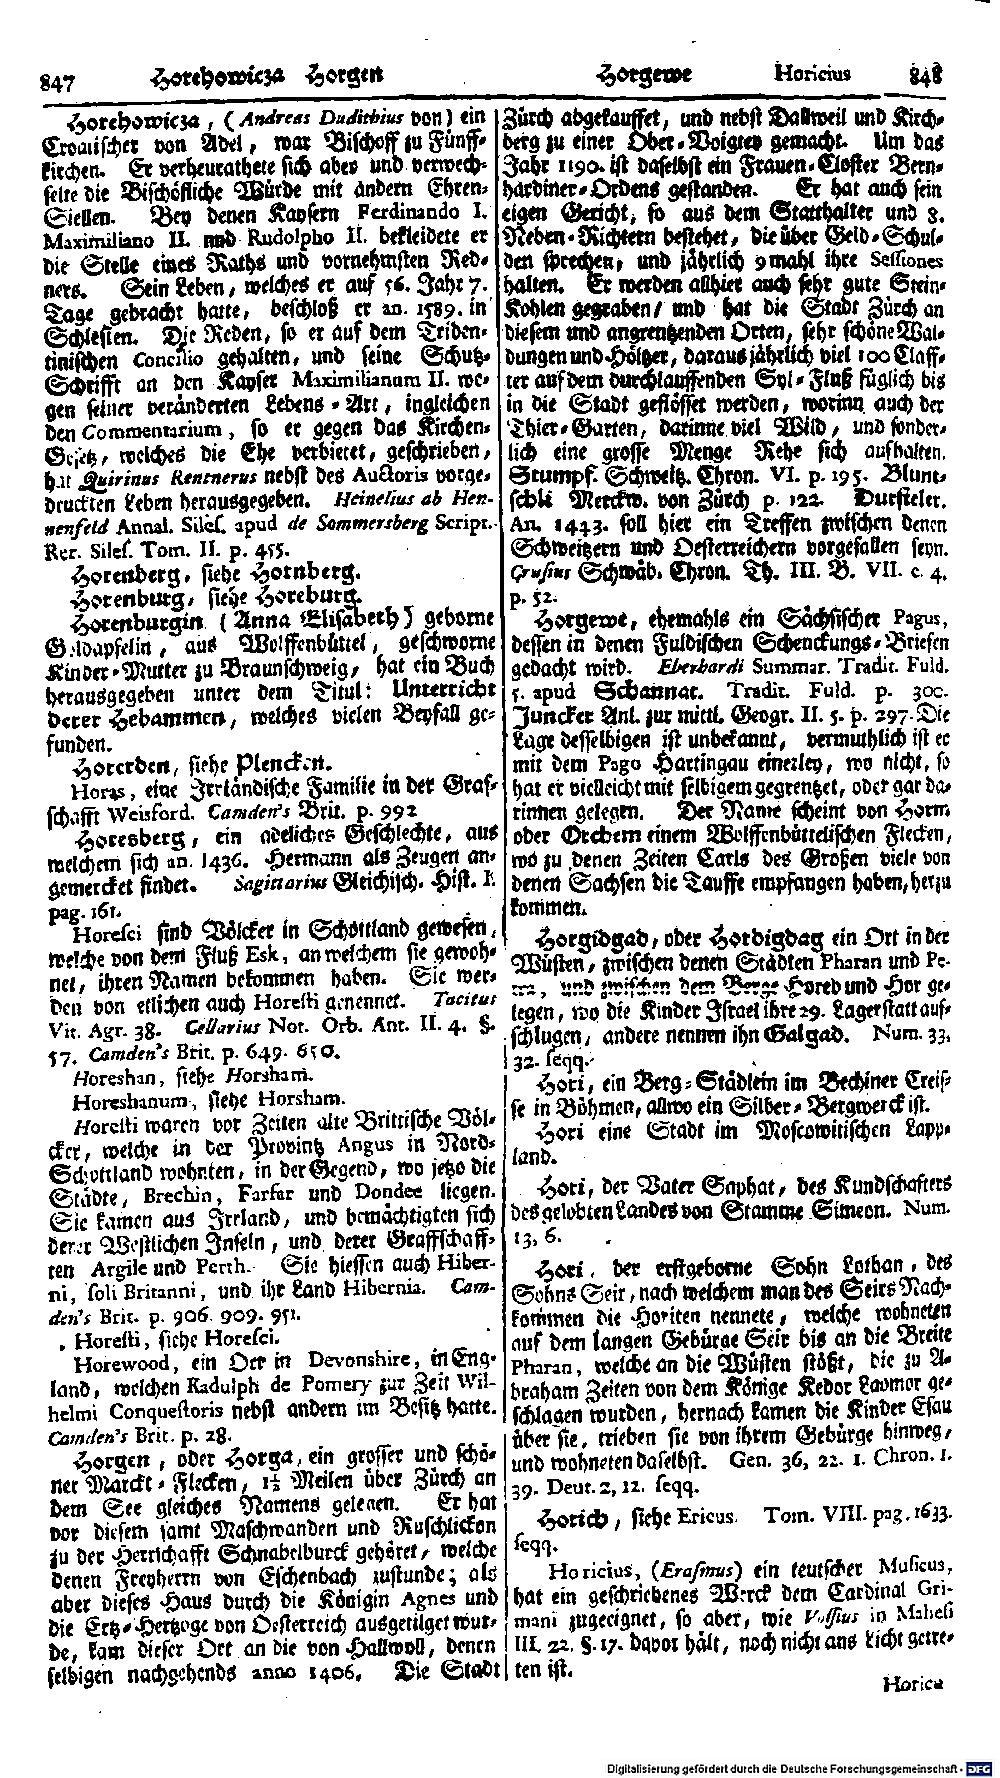 Bd. 13, Seite 0441.